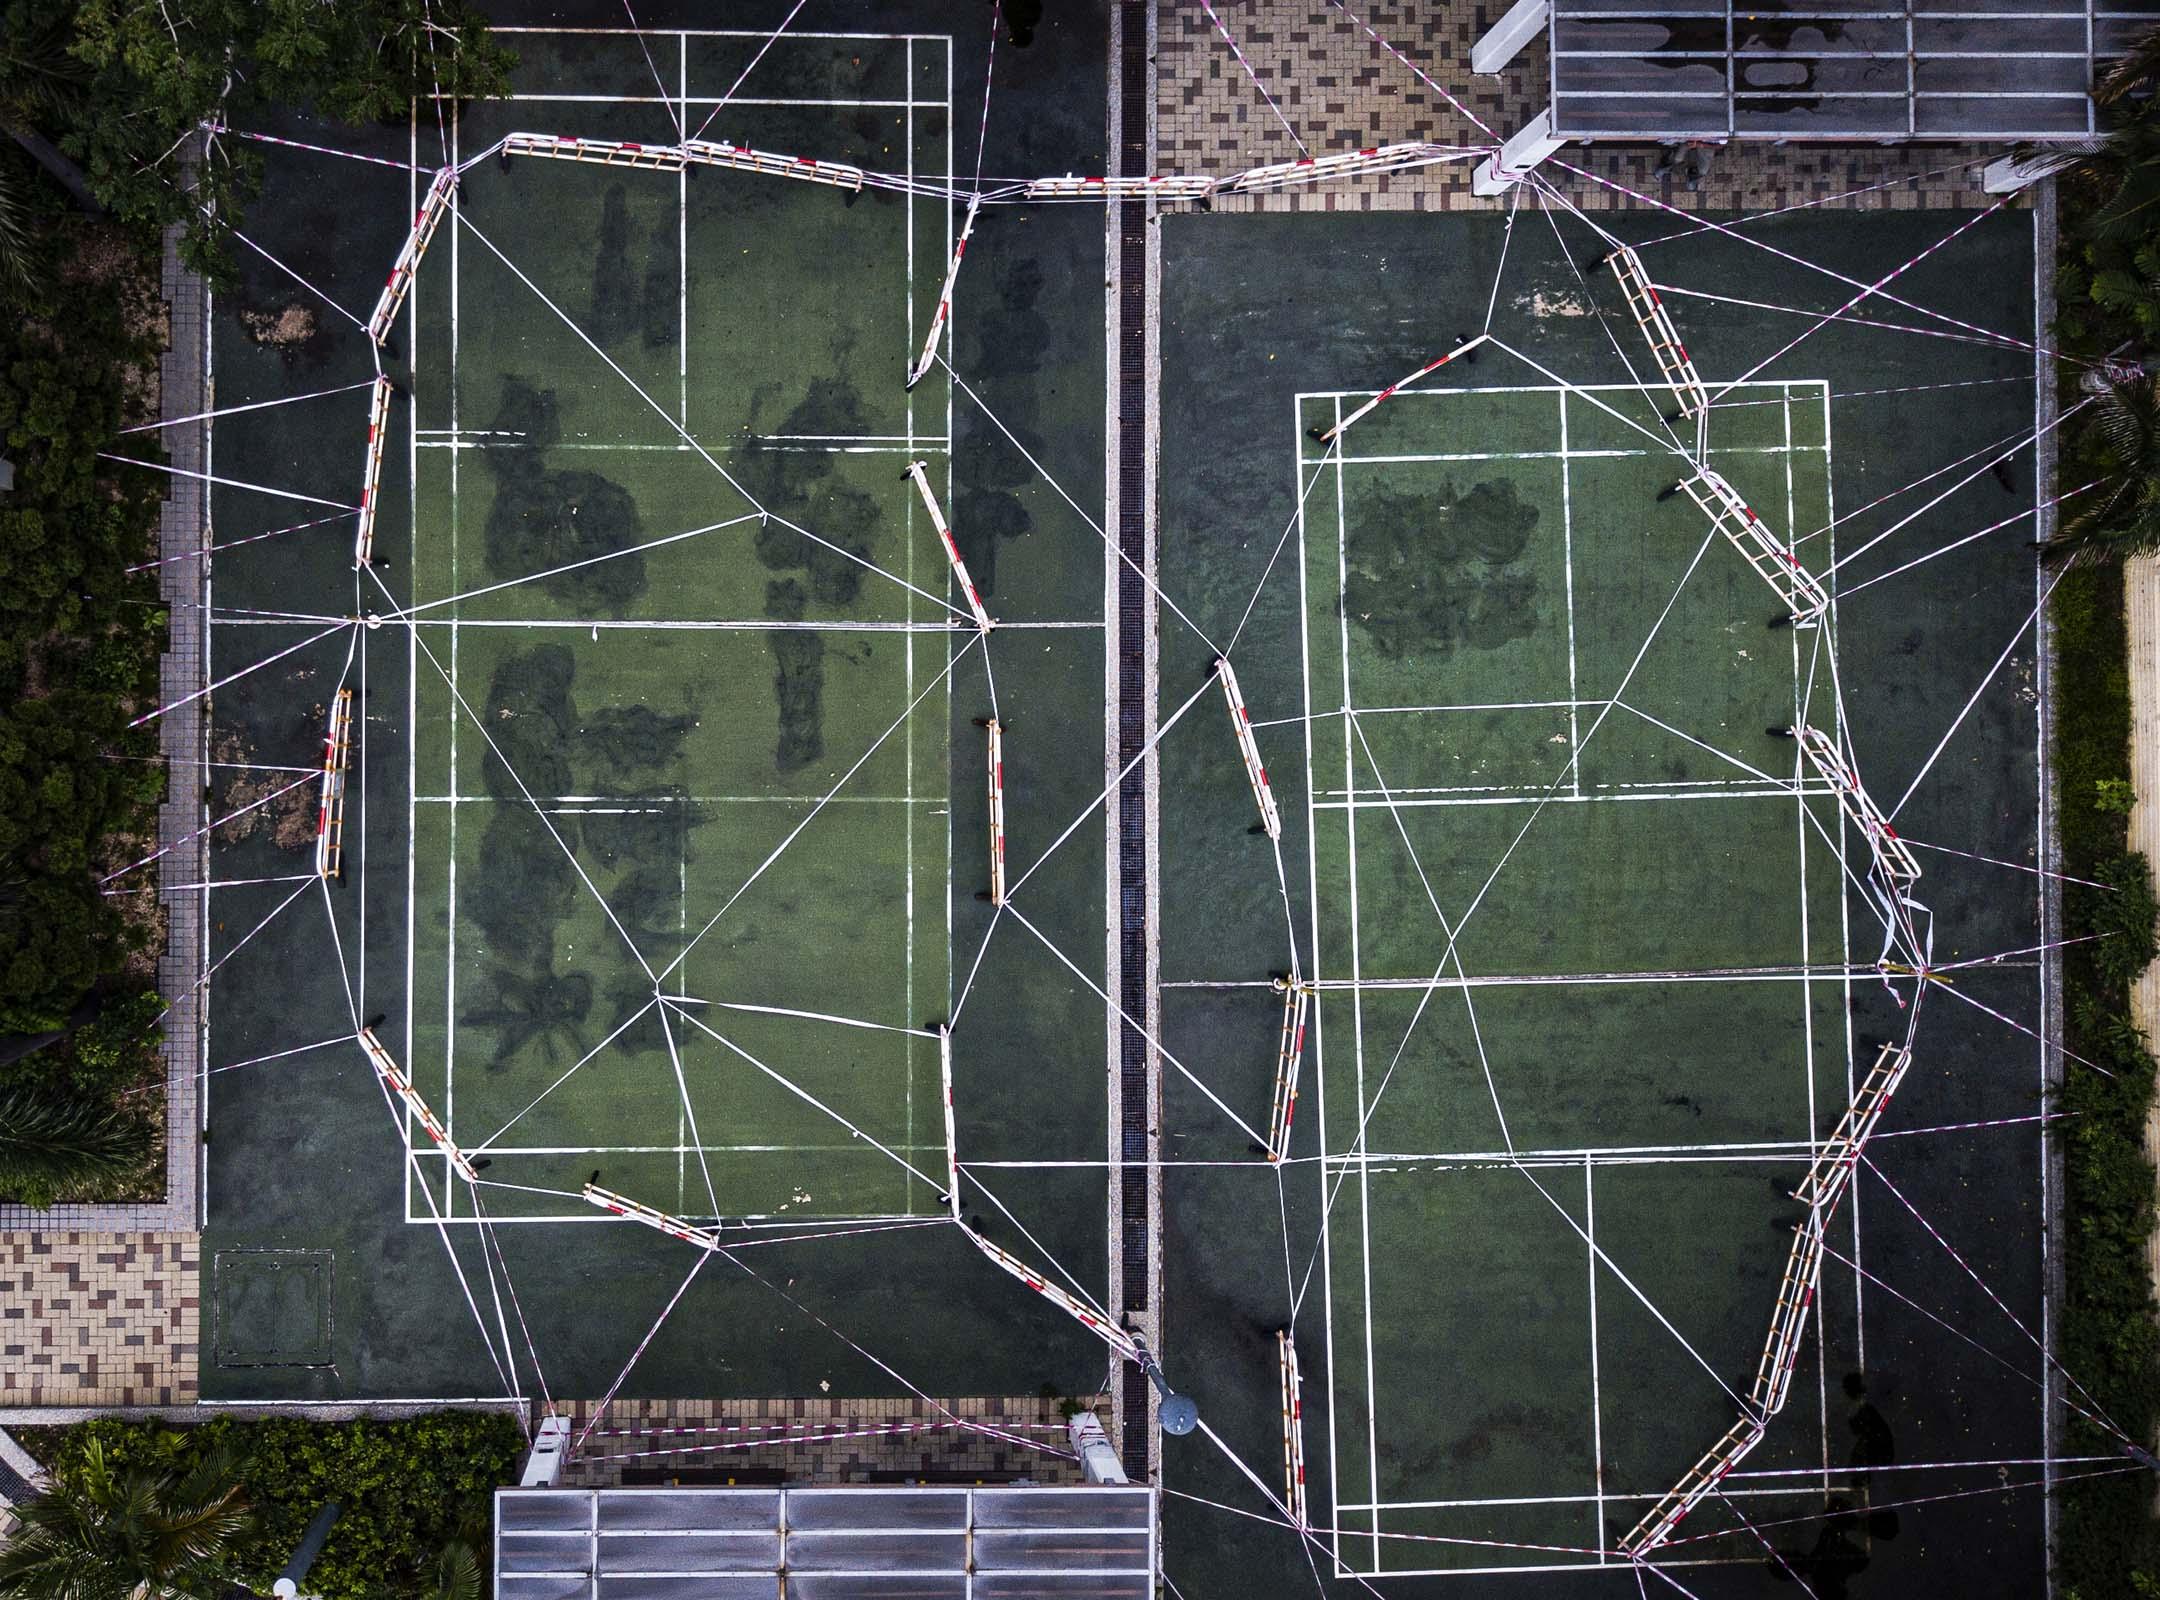 2020年9月10日牛頭角下邨,一個羽毛球場因2019冠狀病毒被圍封。